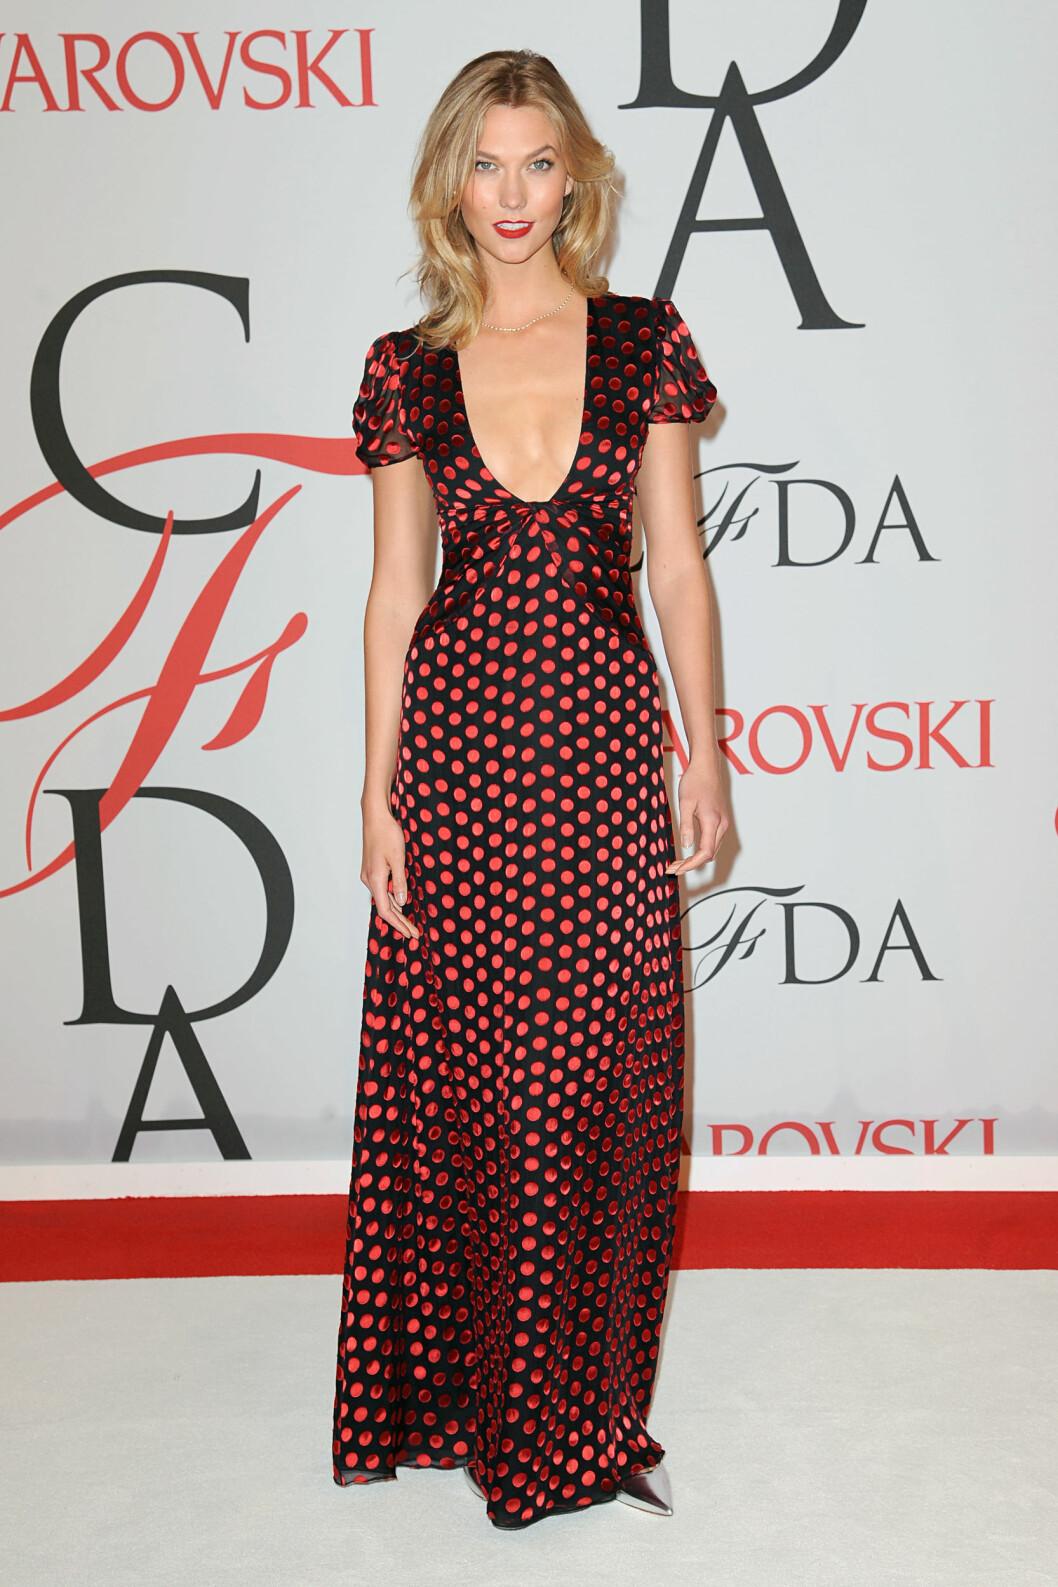 SUPERMODELL: Tidligere Victoria's Secret-model Karlie Kloss (22). Foto: Zuma Press